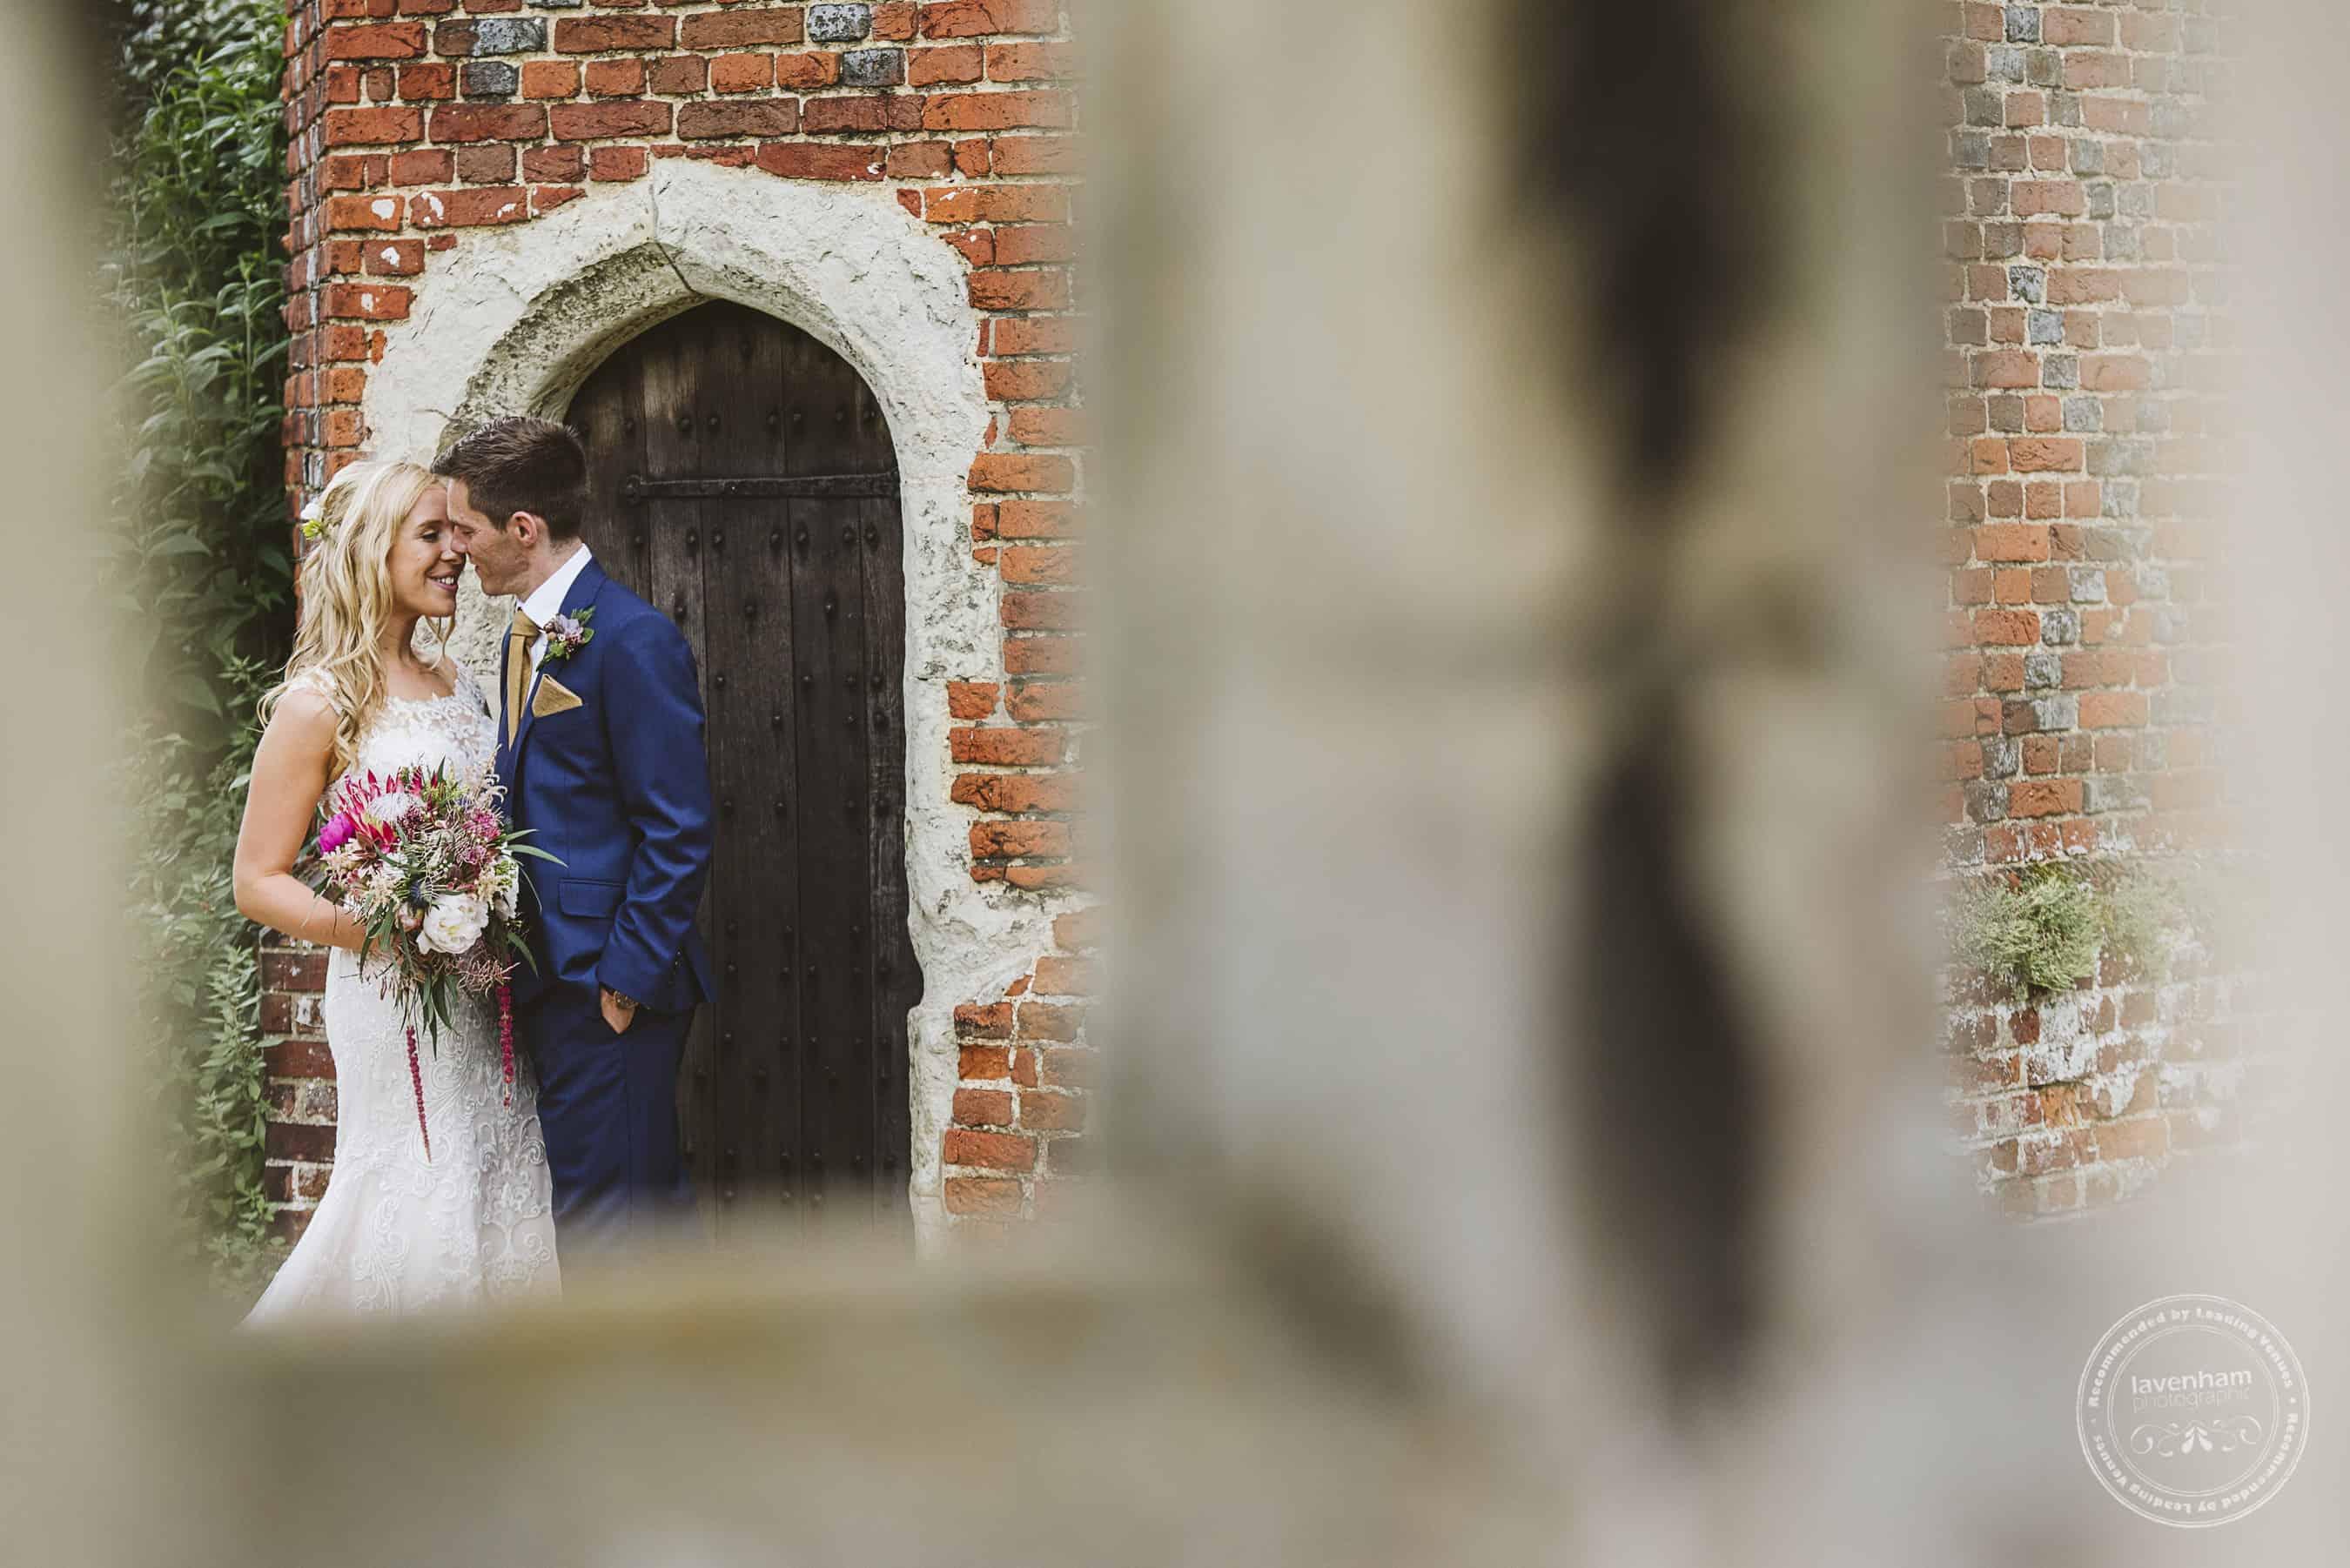 020618 Leez Priory Wedding Photography Lavenham Photographic 096